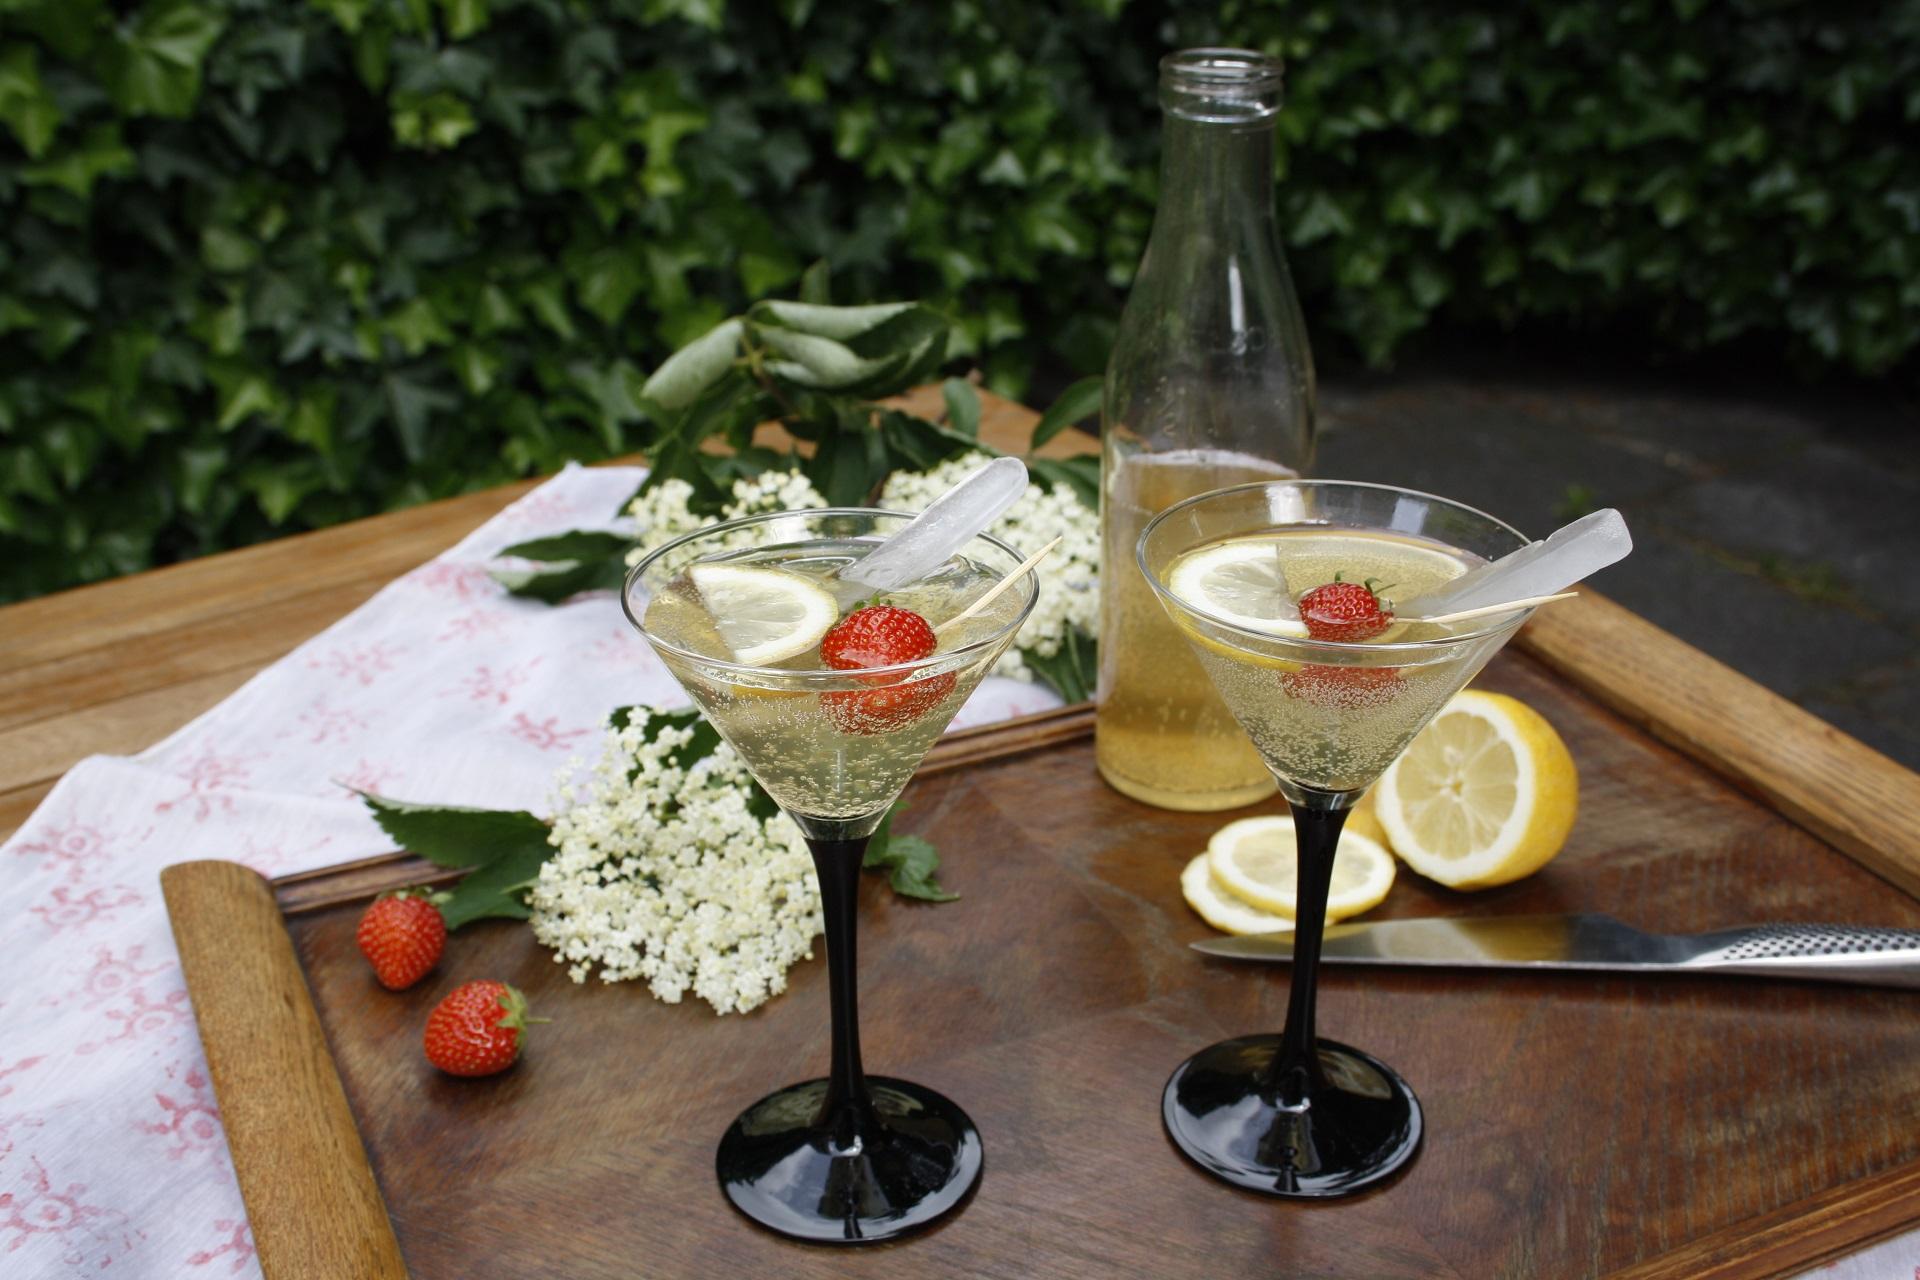 Hyldeblomstdrik med honning